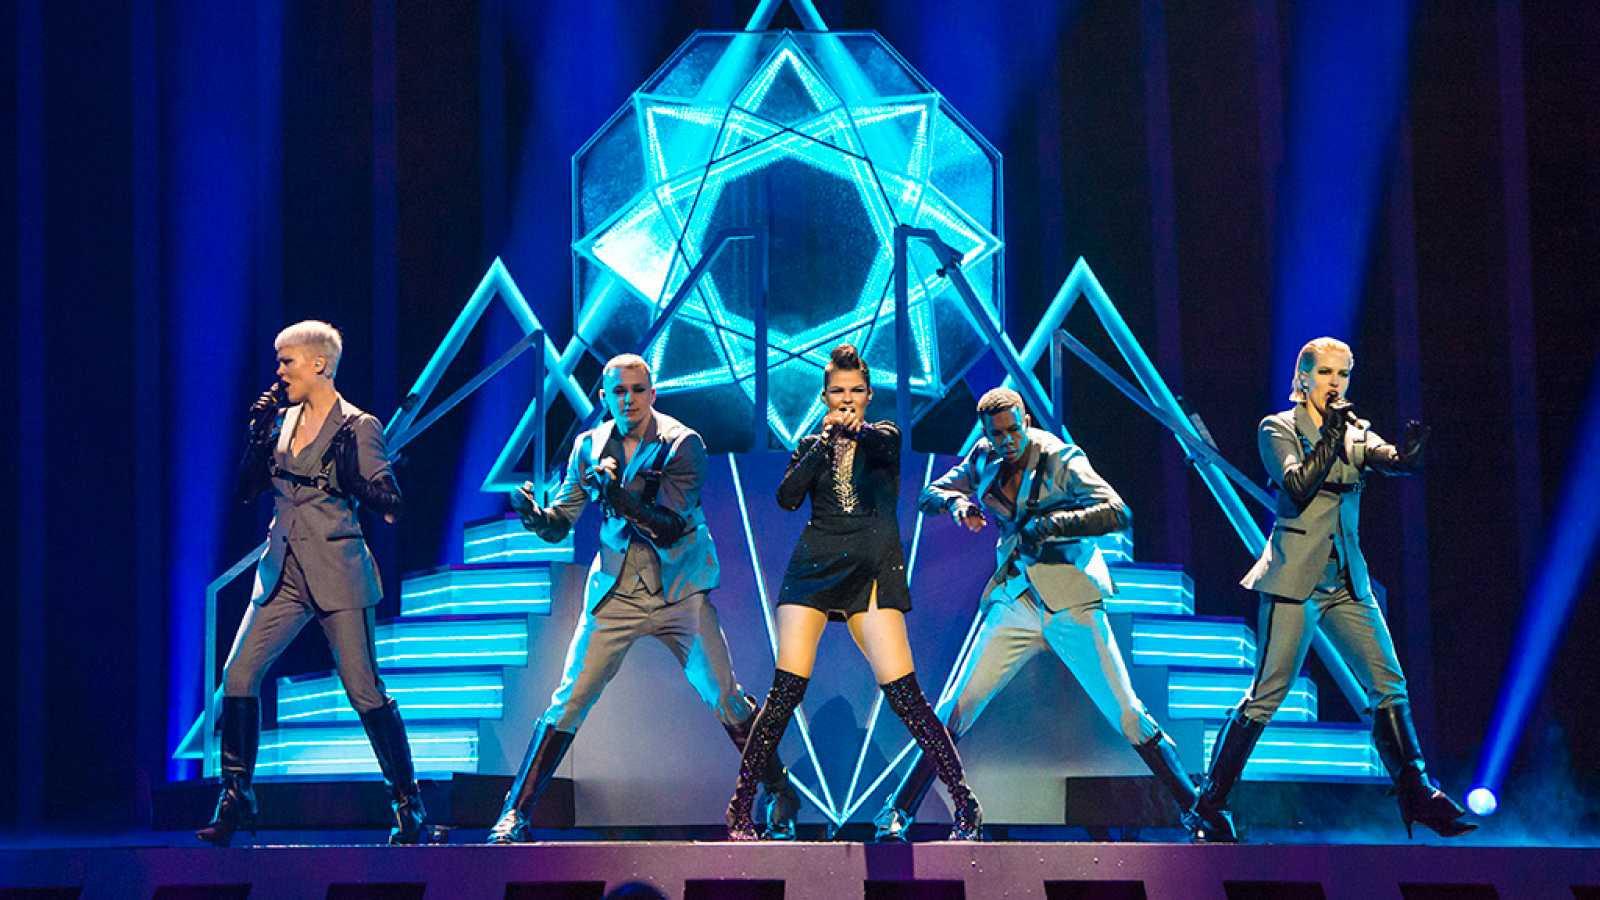 Resultado de imagem para eurovision 2018 bulgaria